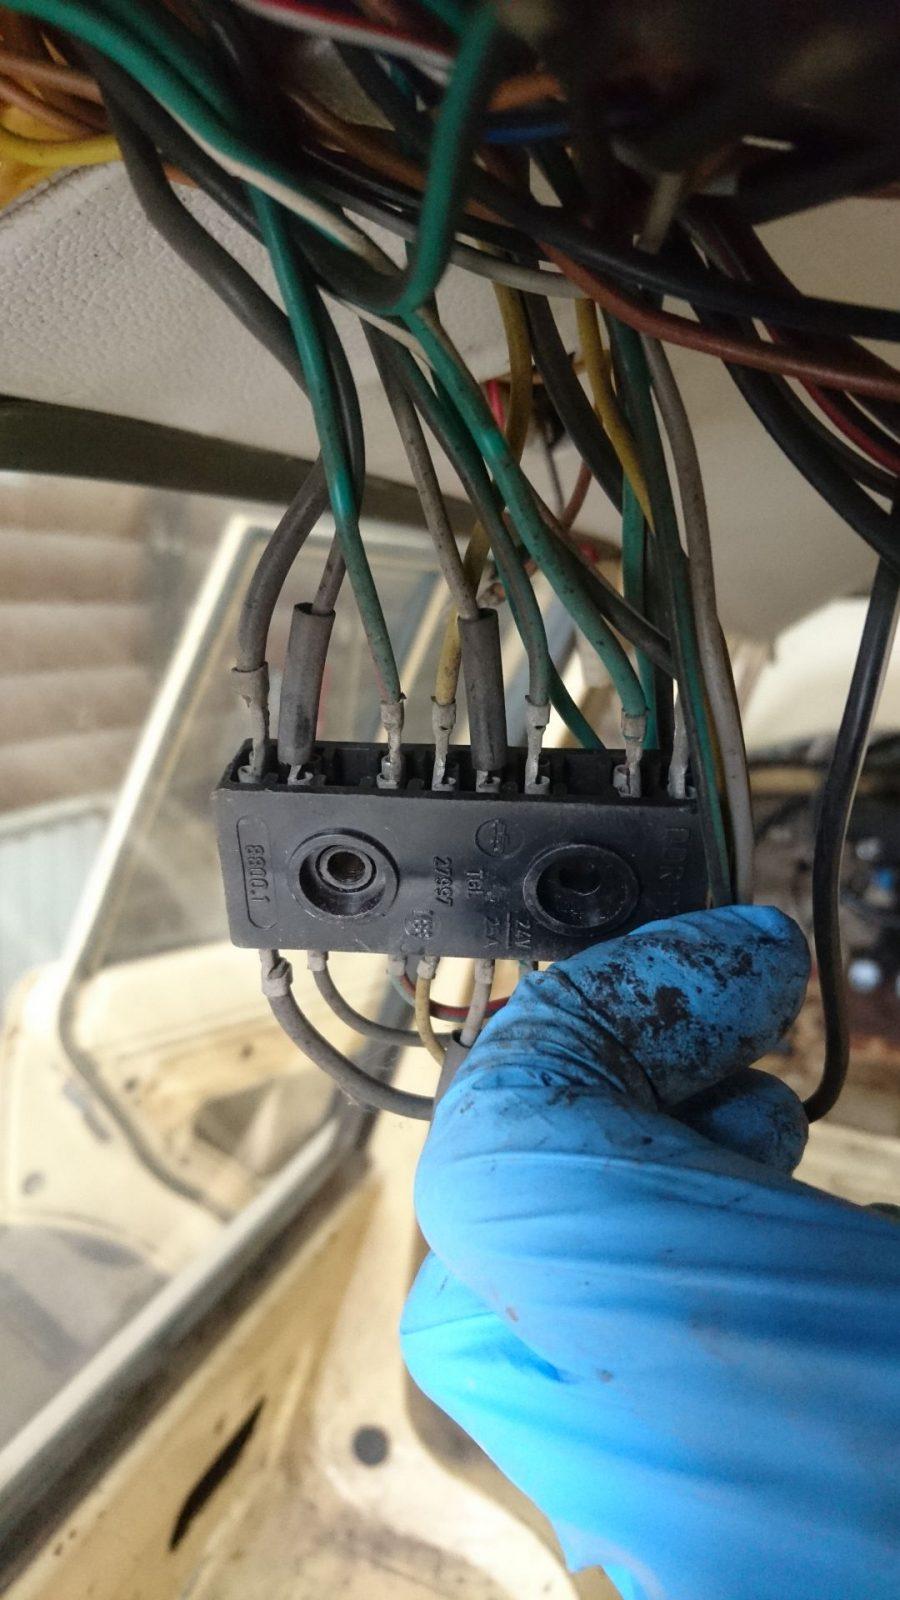 Das ist der untere der beiden Steckverbinder mit Blick auf die Kontaktseite, an der die Kabel, die vom Hauptkabelbaum kommen, aufgesteckt werden.